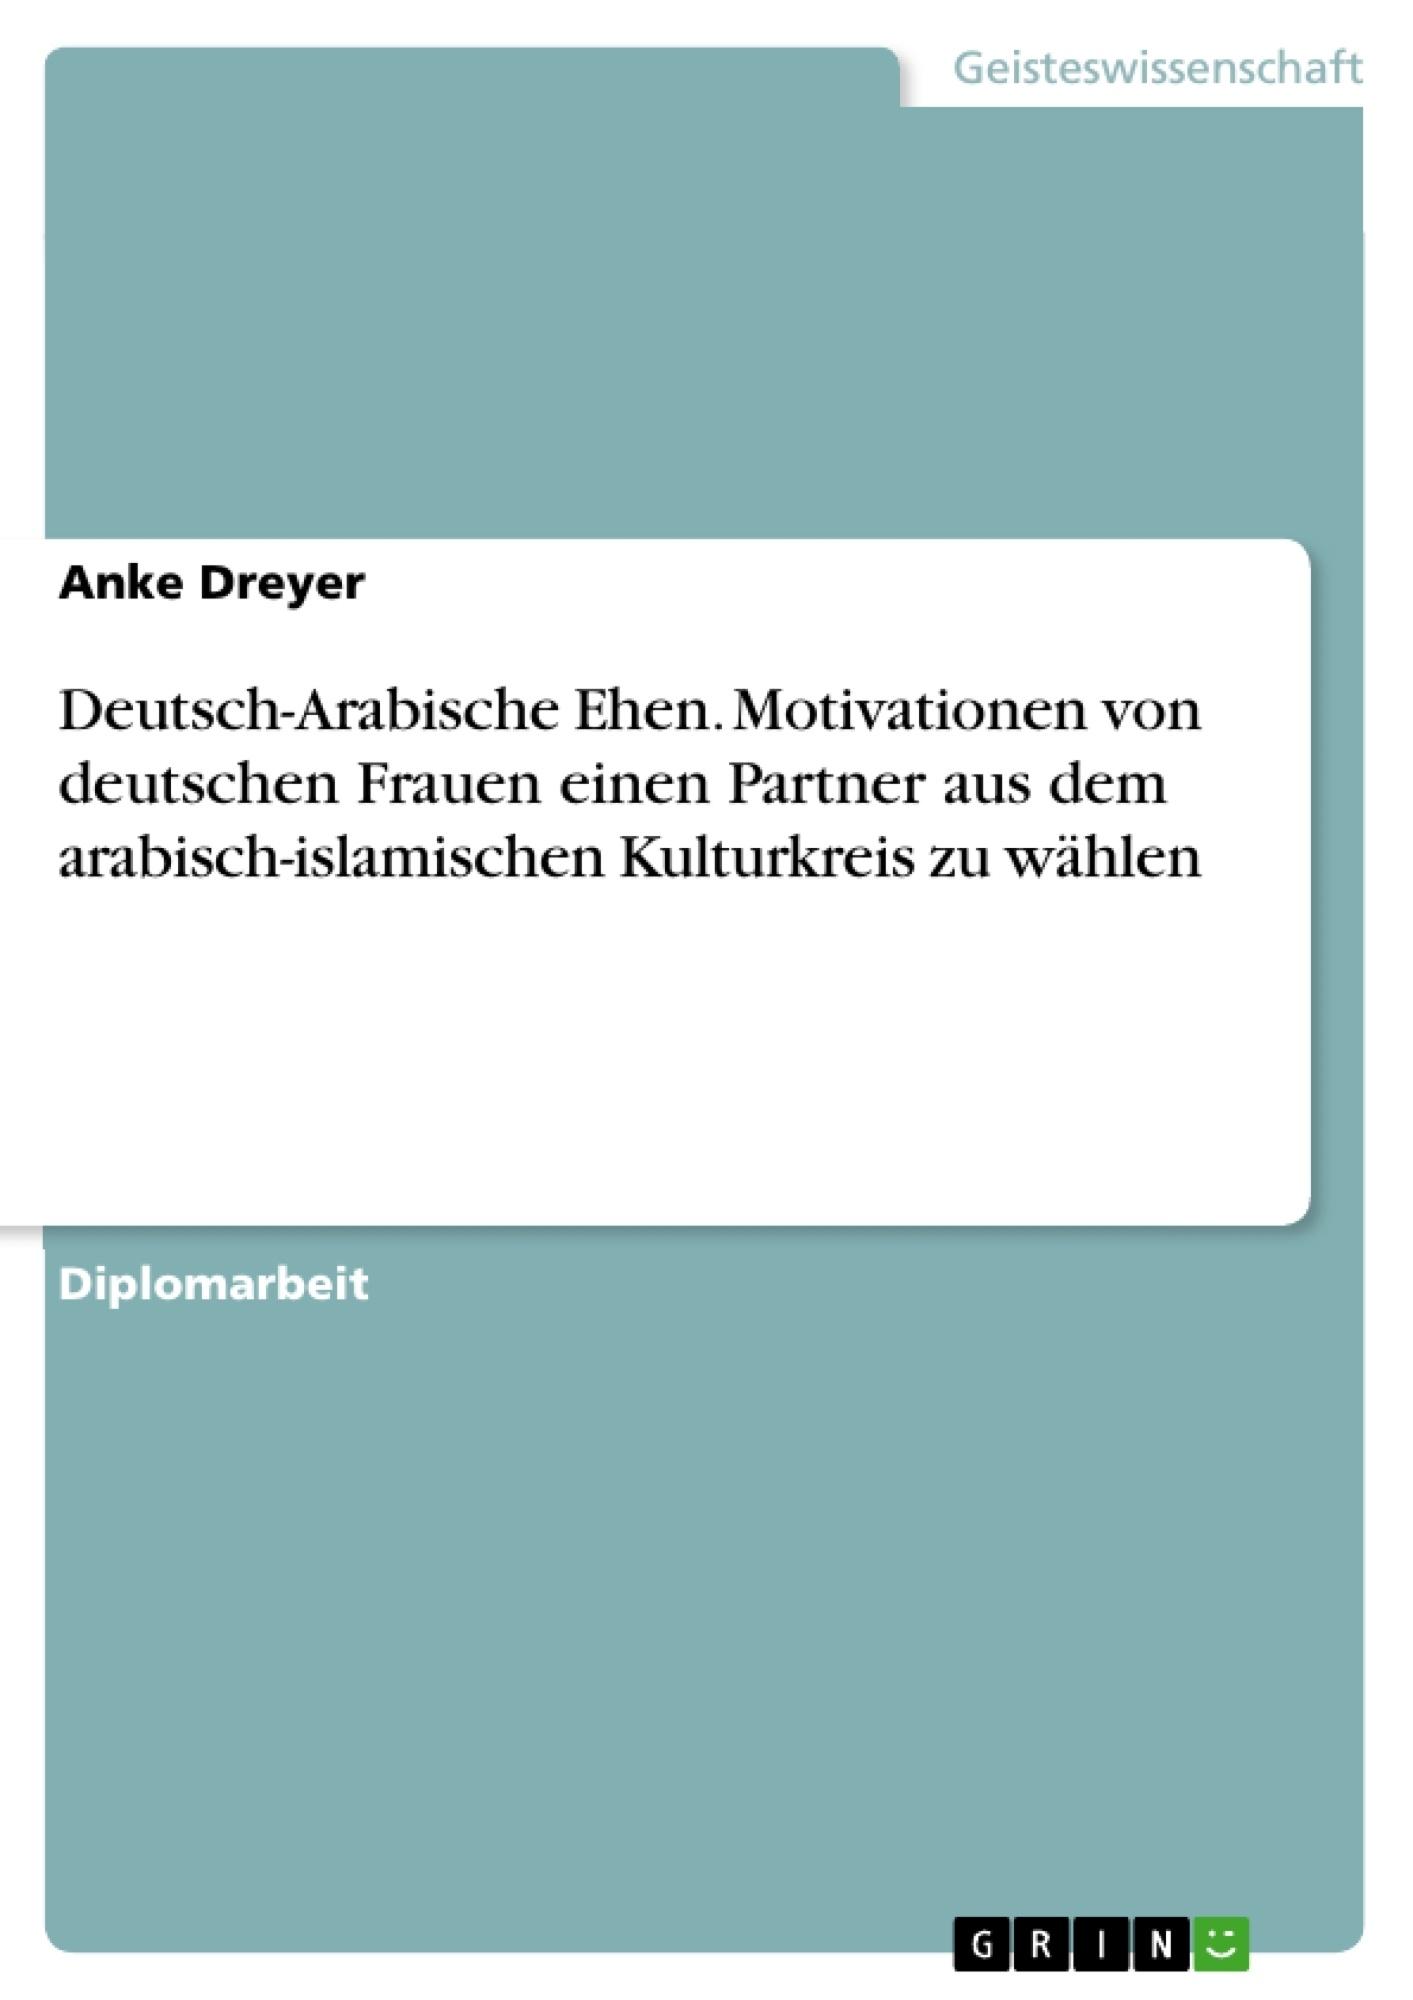 Titel: Deutsch-Arabische Ehen. Motivationen von deutschen Frauen einen Partner aus dem arabisch-islamischen Kulturkreis zu wählen